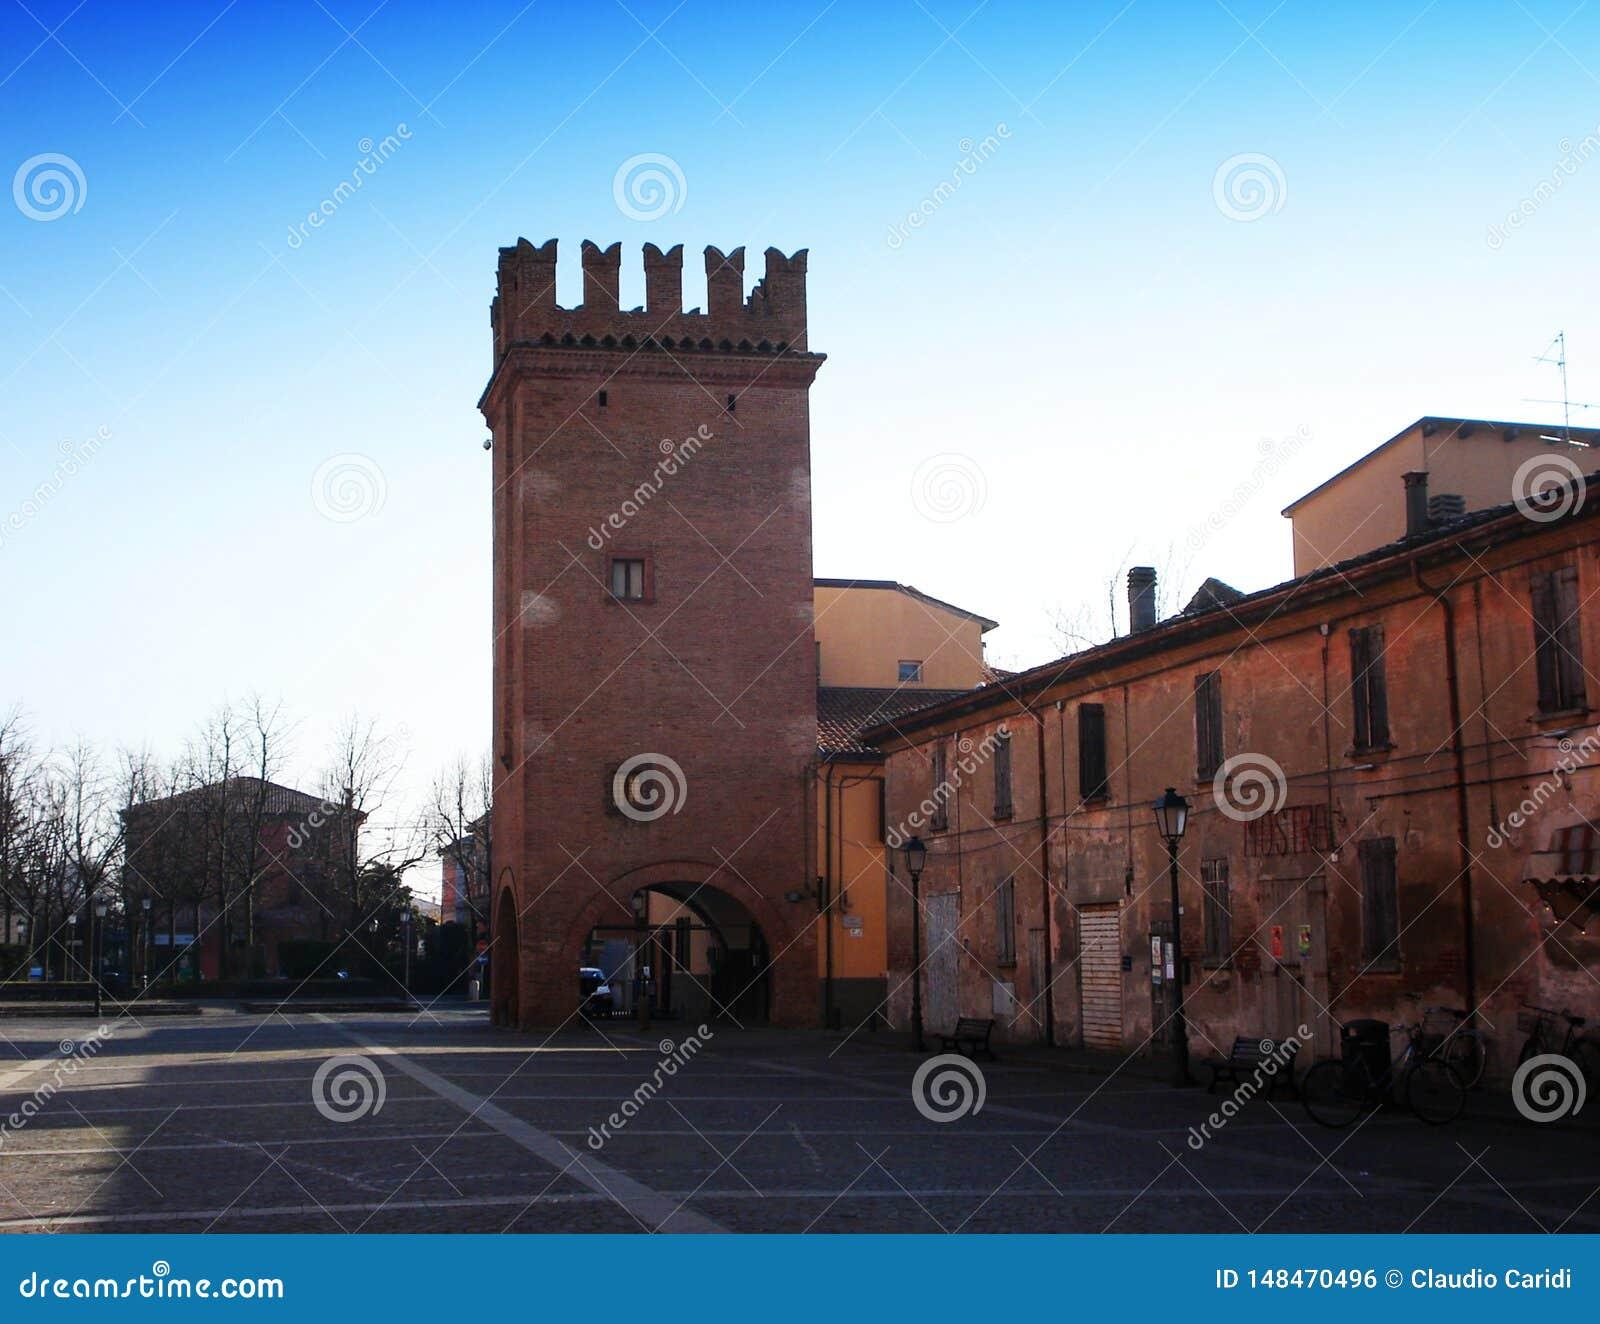 Torresotto 1321 παρατηρητήριο, SAN Giorgio Di Piano, Μπολόνια, Ιταλία